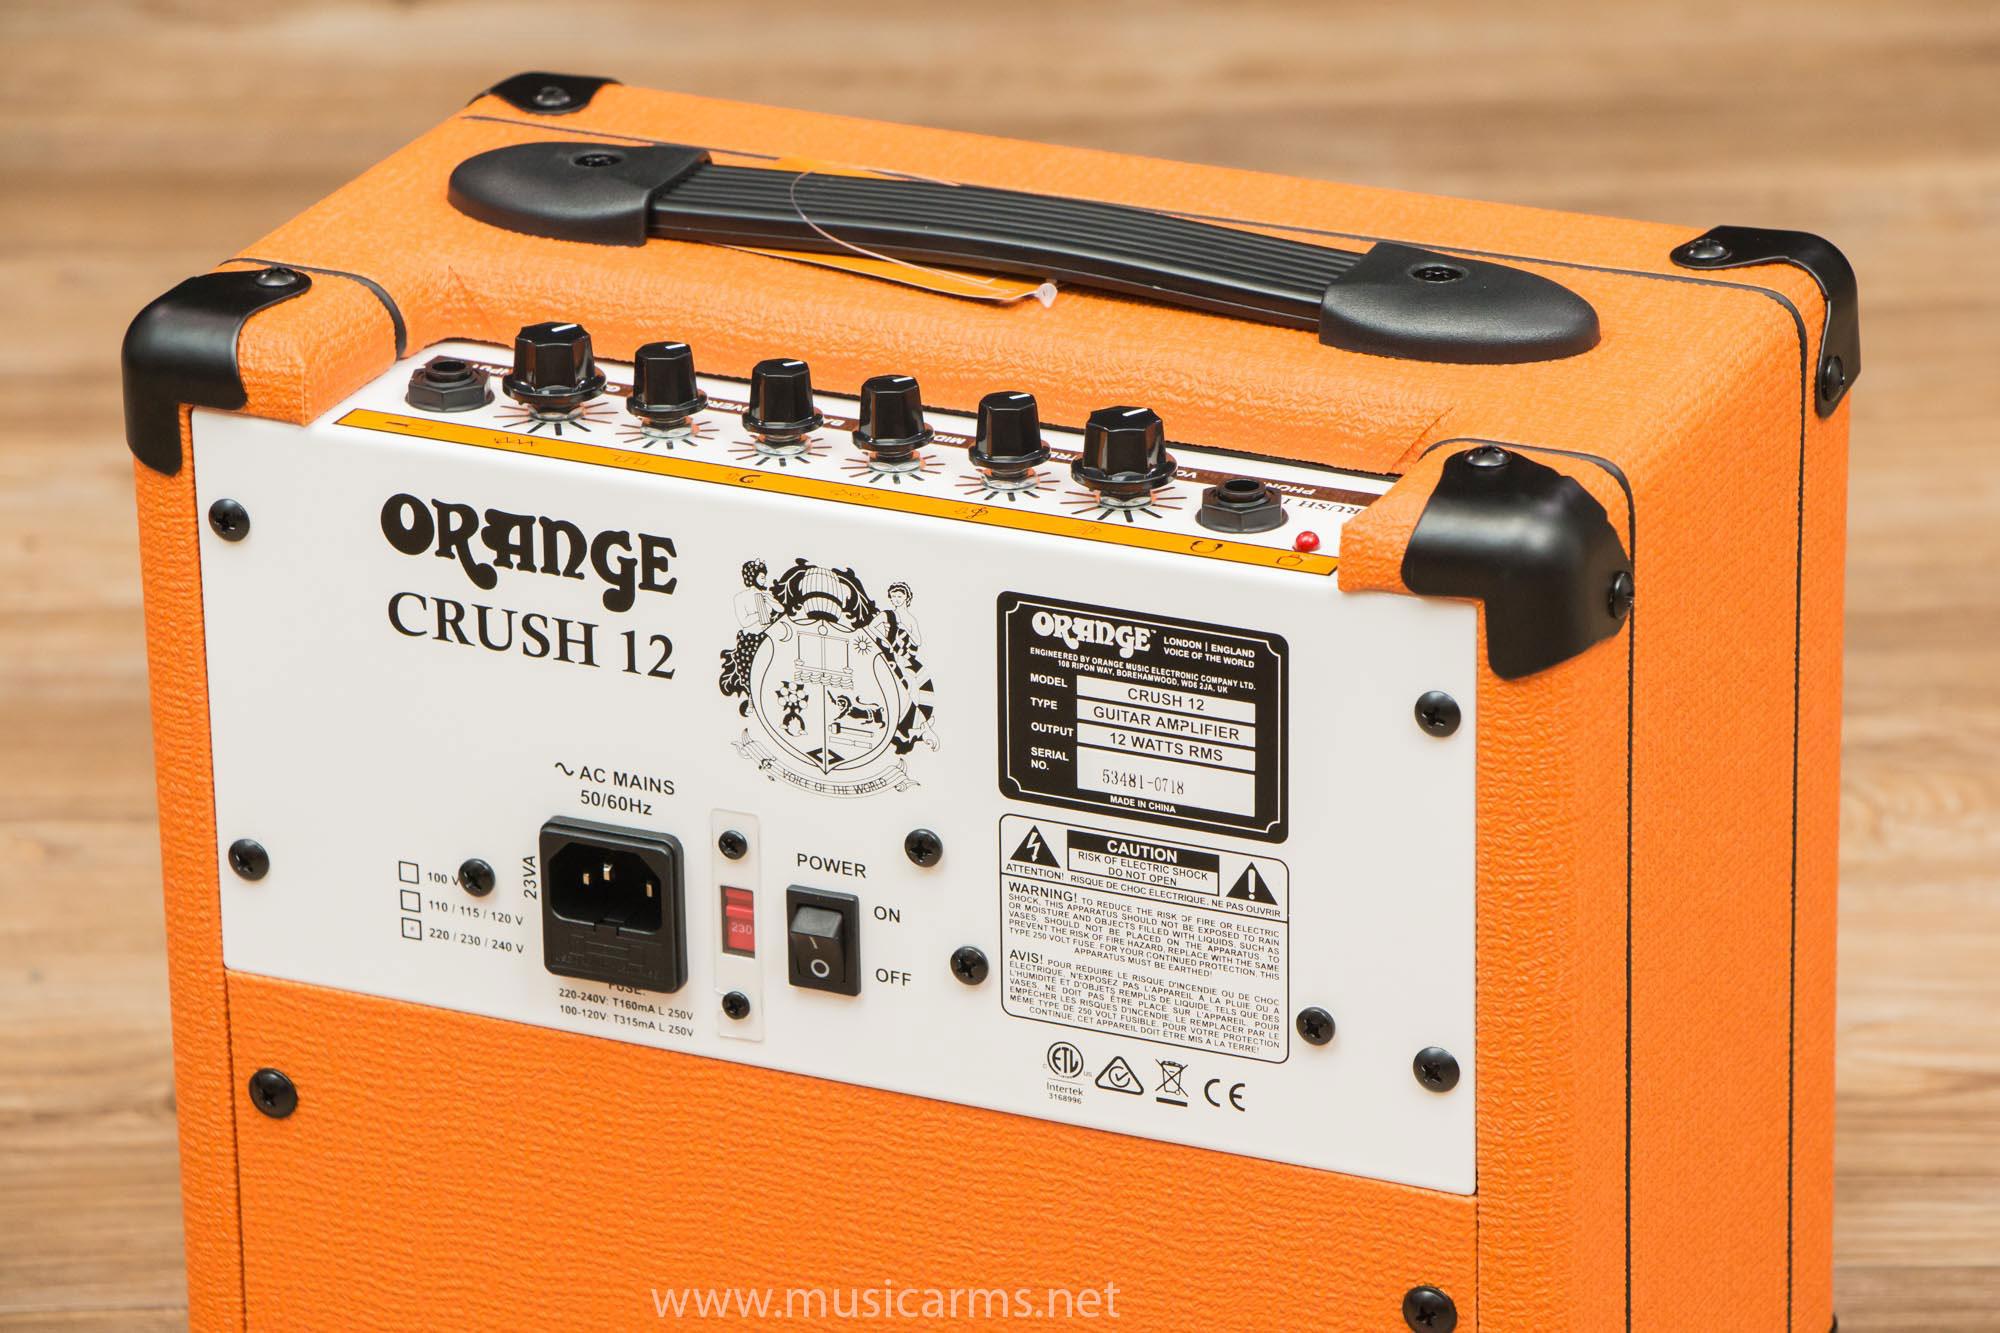 Orange CRUSH12